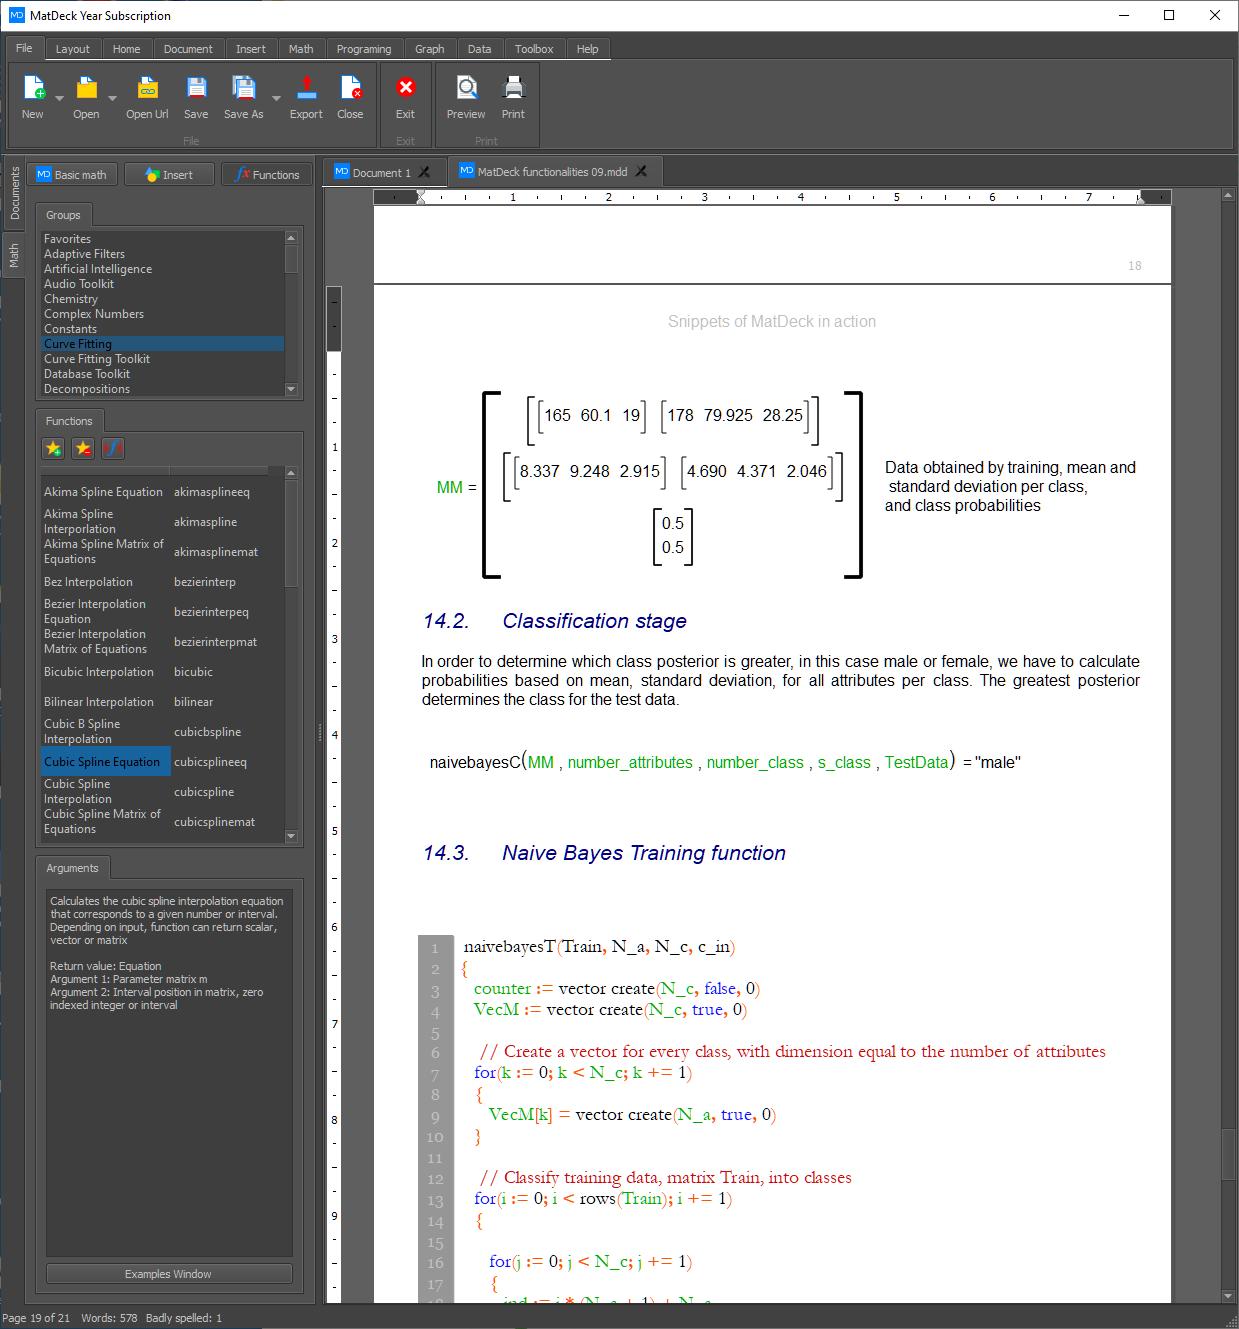 Naive Bayes Training function